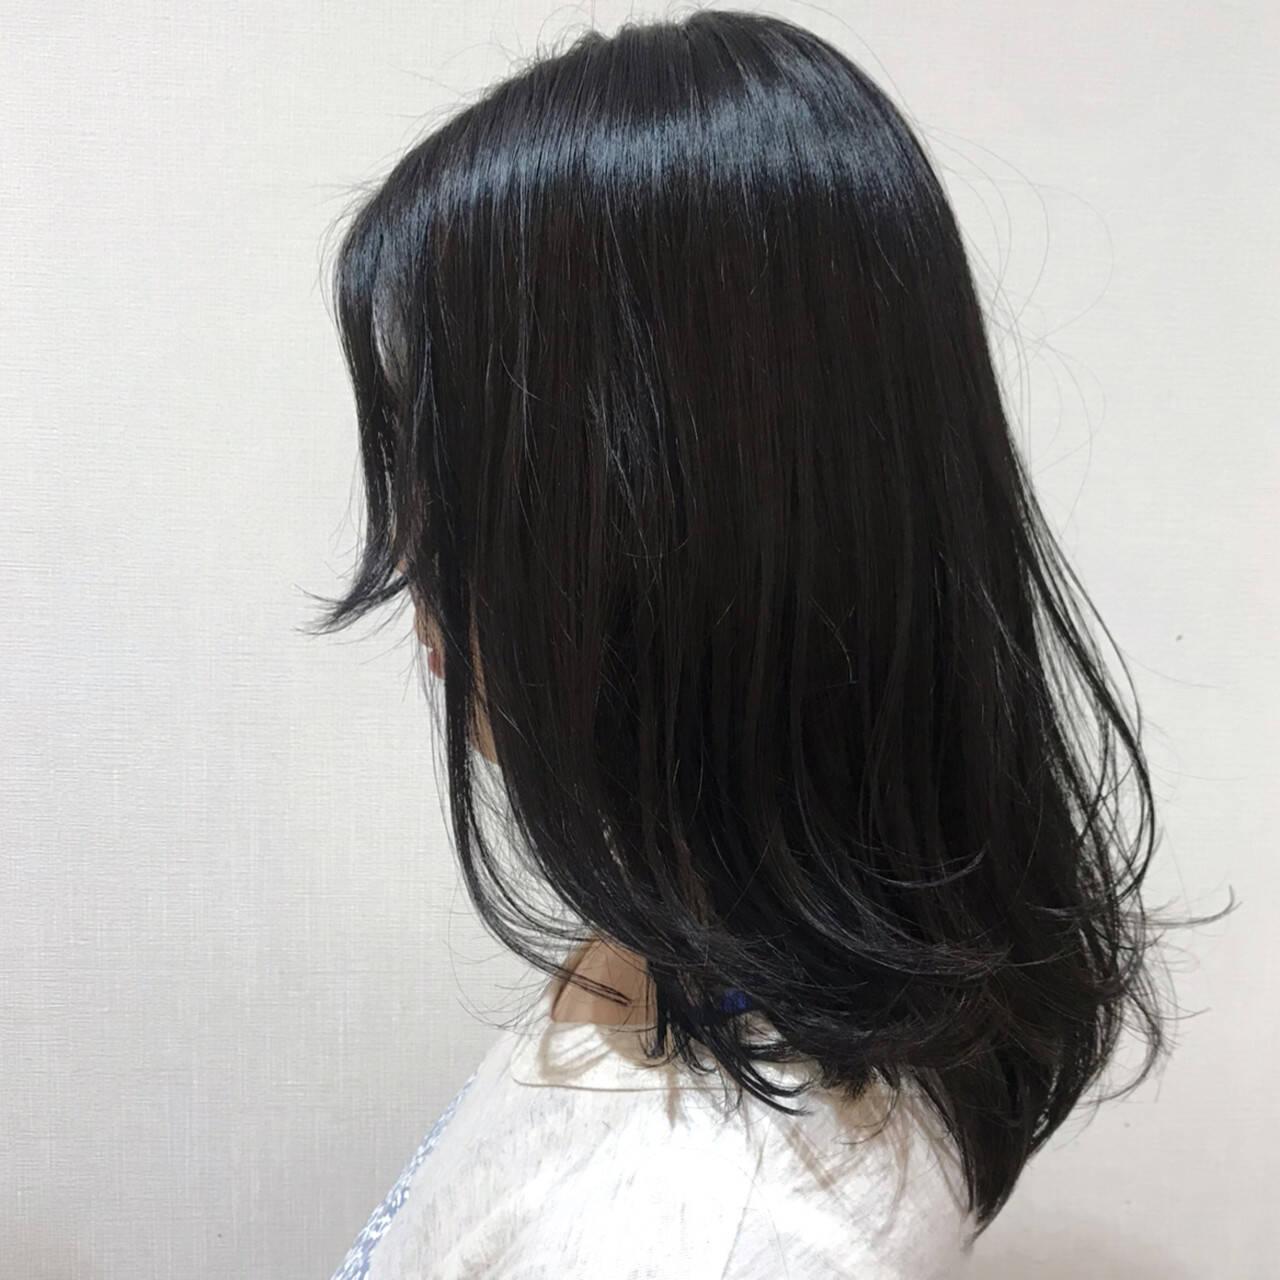 ネイビーブルー デート なんちゃって黒染め ワンカールヘアスタイルや髪型の写真・画像